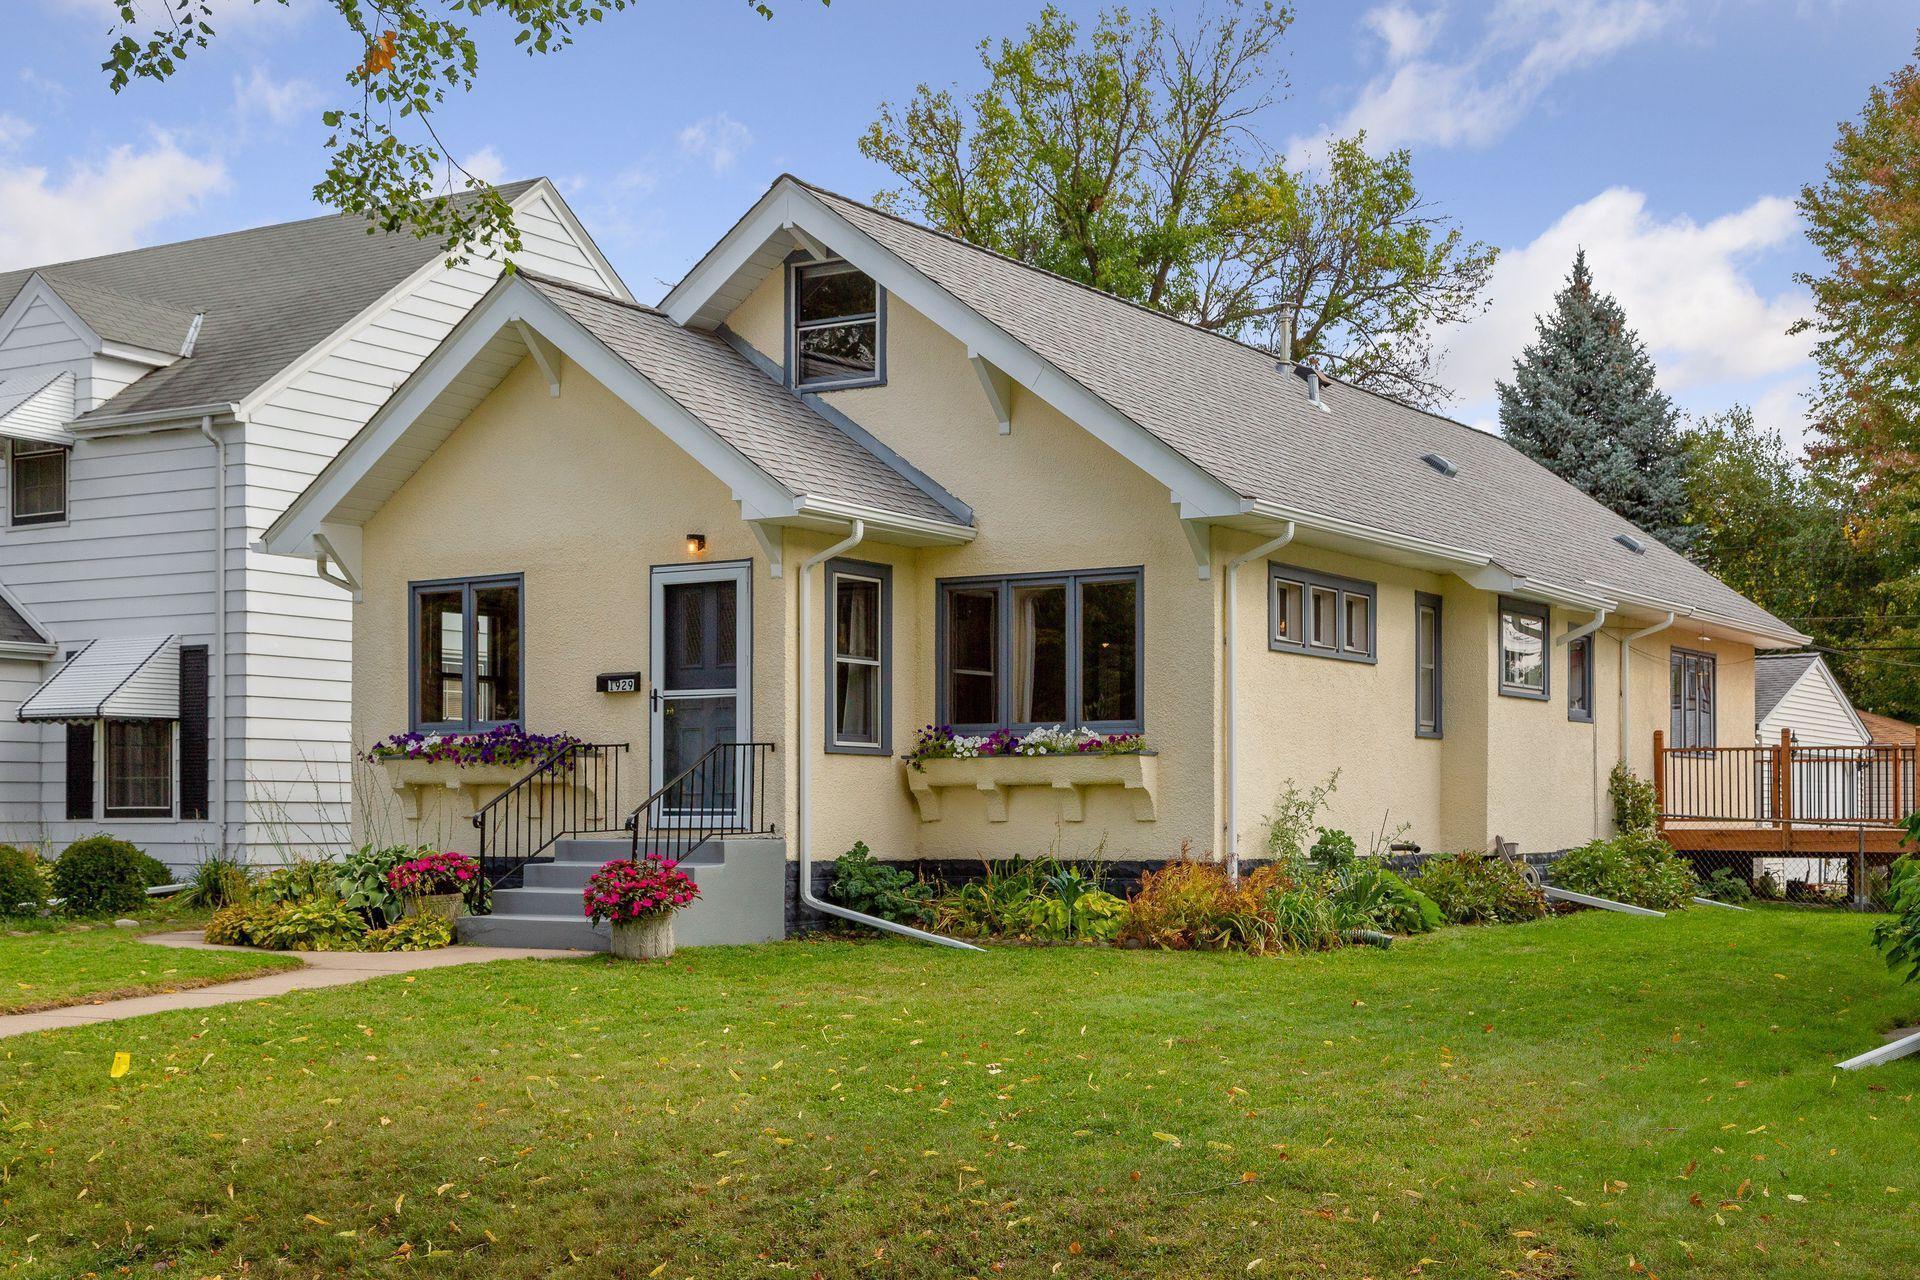 Auditors Sub 228 Real Estate Listings Main Image